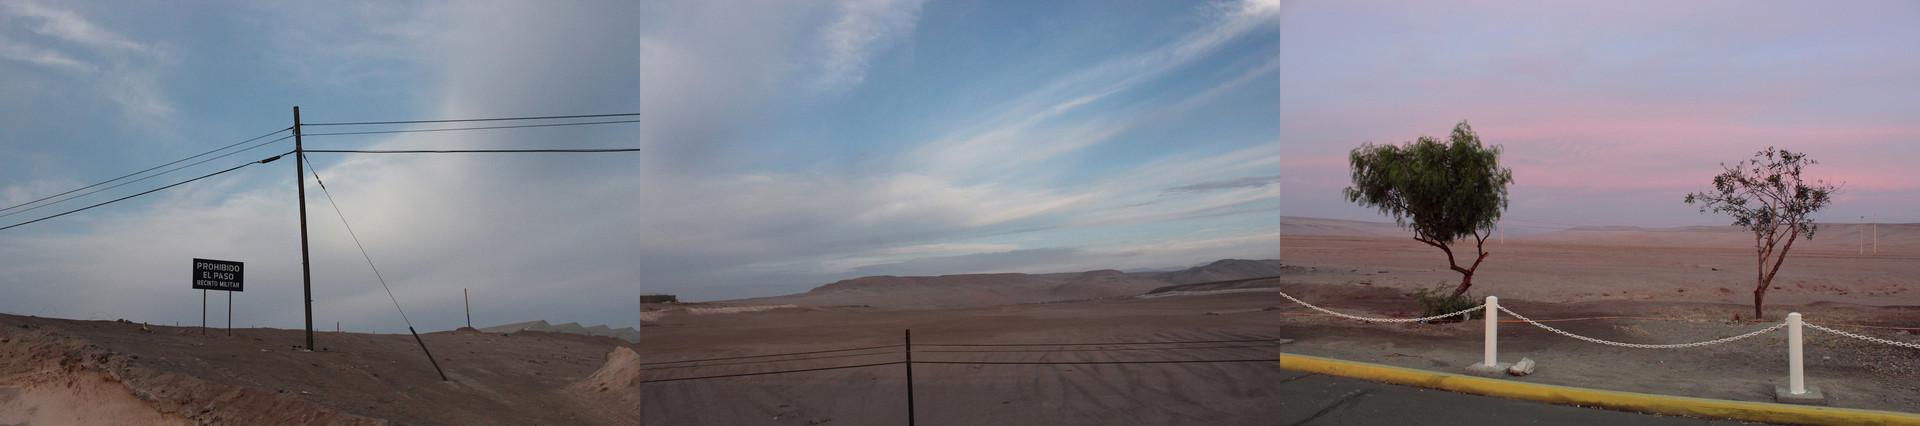 Chile_Peru_Chacalluta e Santa Rosa